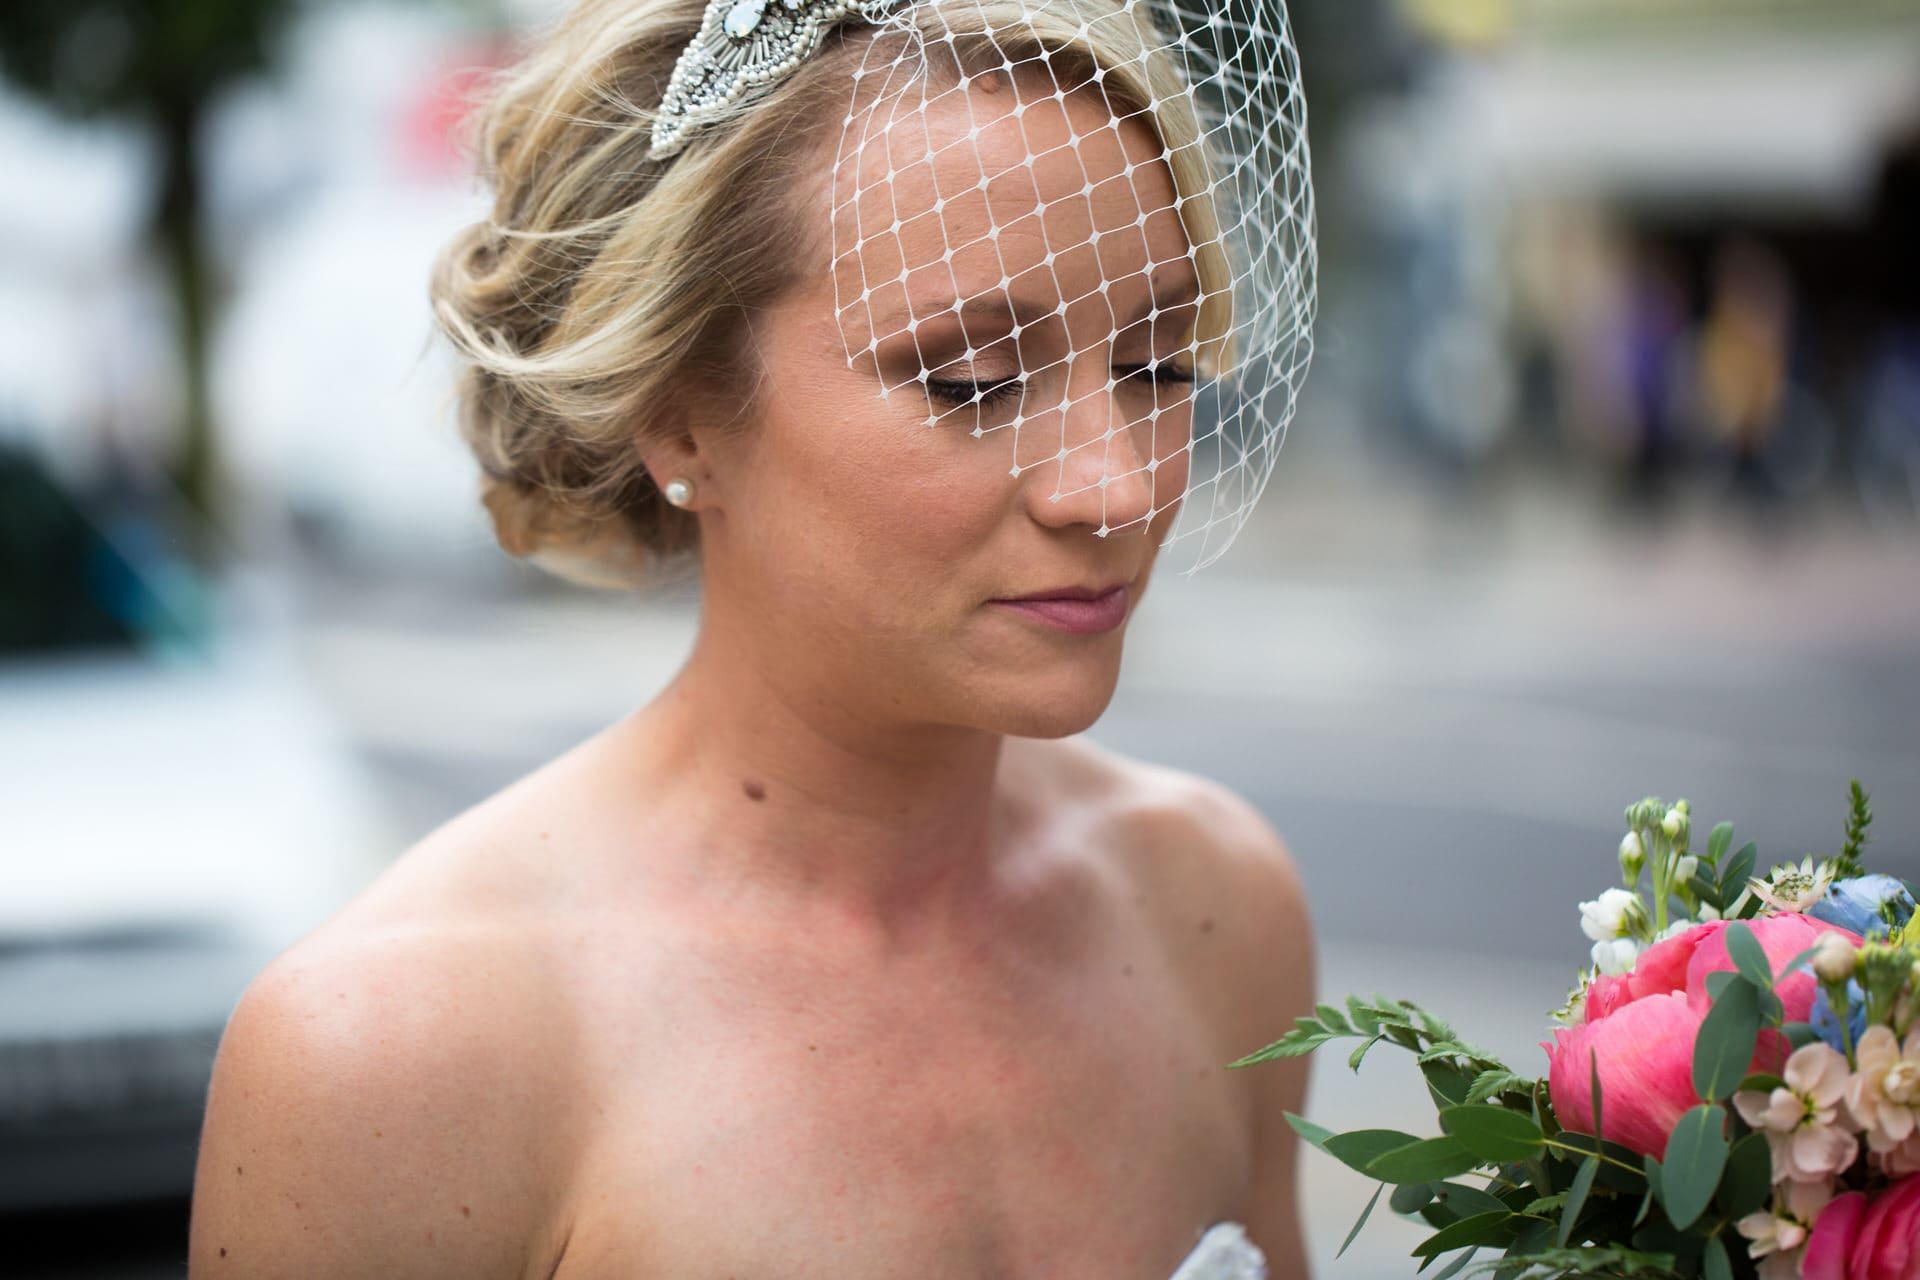 bride arrives for her wedding